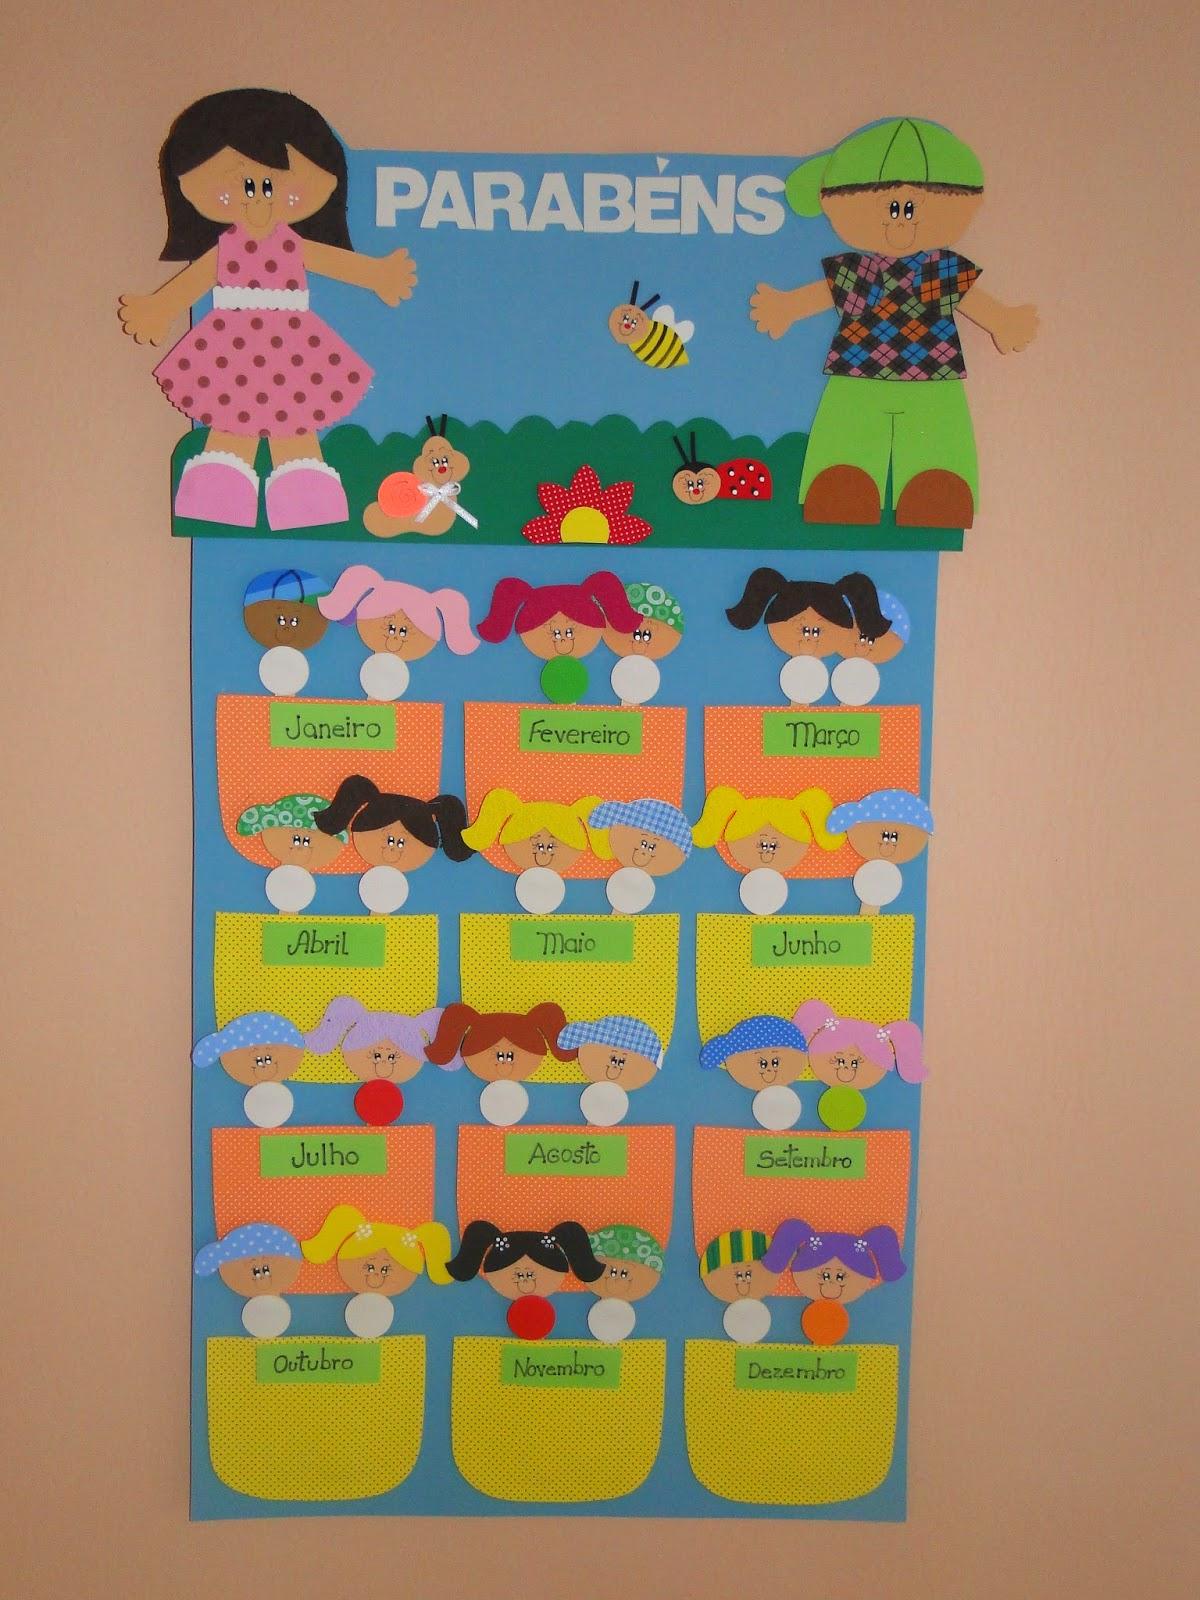 decoracao de sala infantil escola dominical:Painéis e decoração para sala de aula